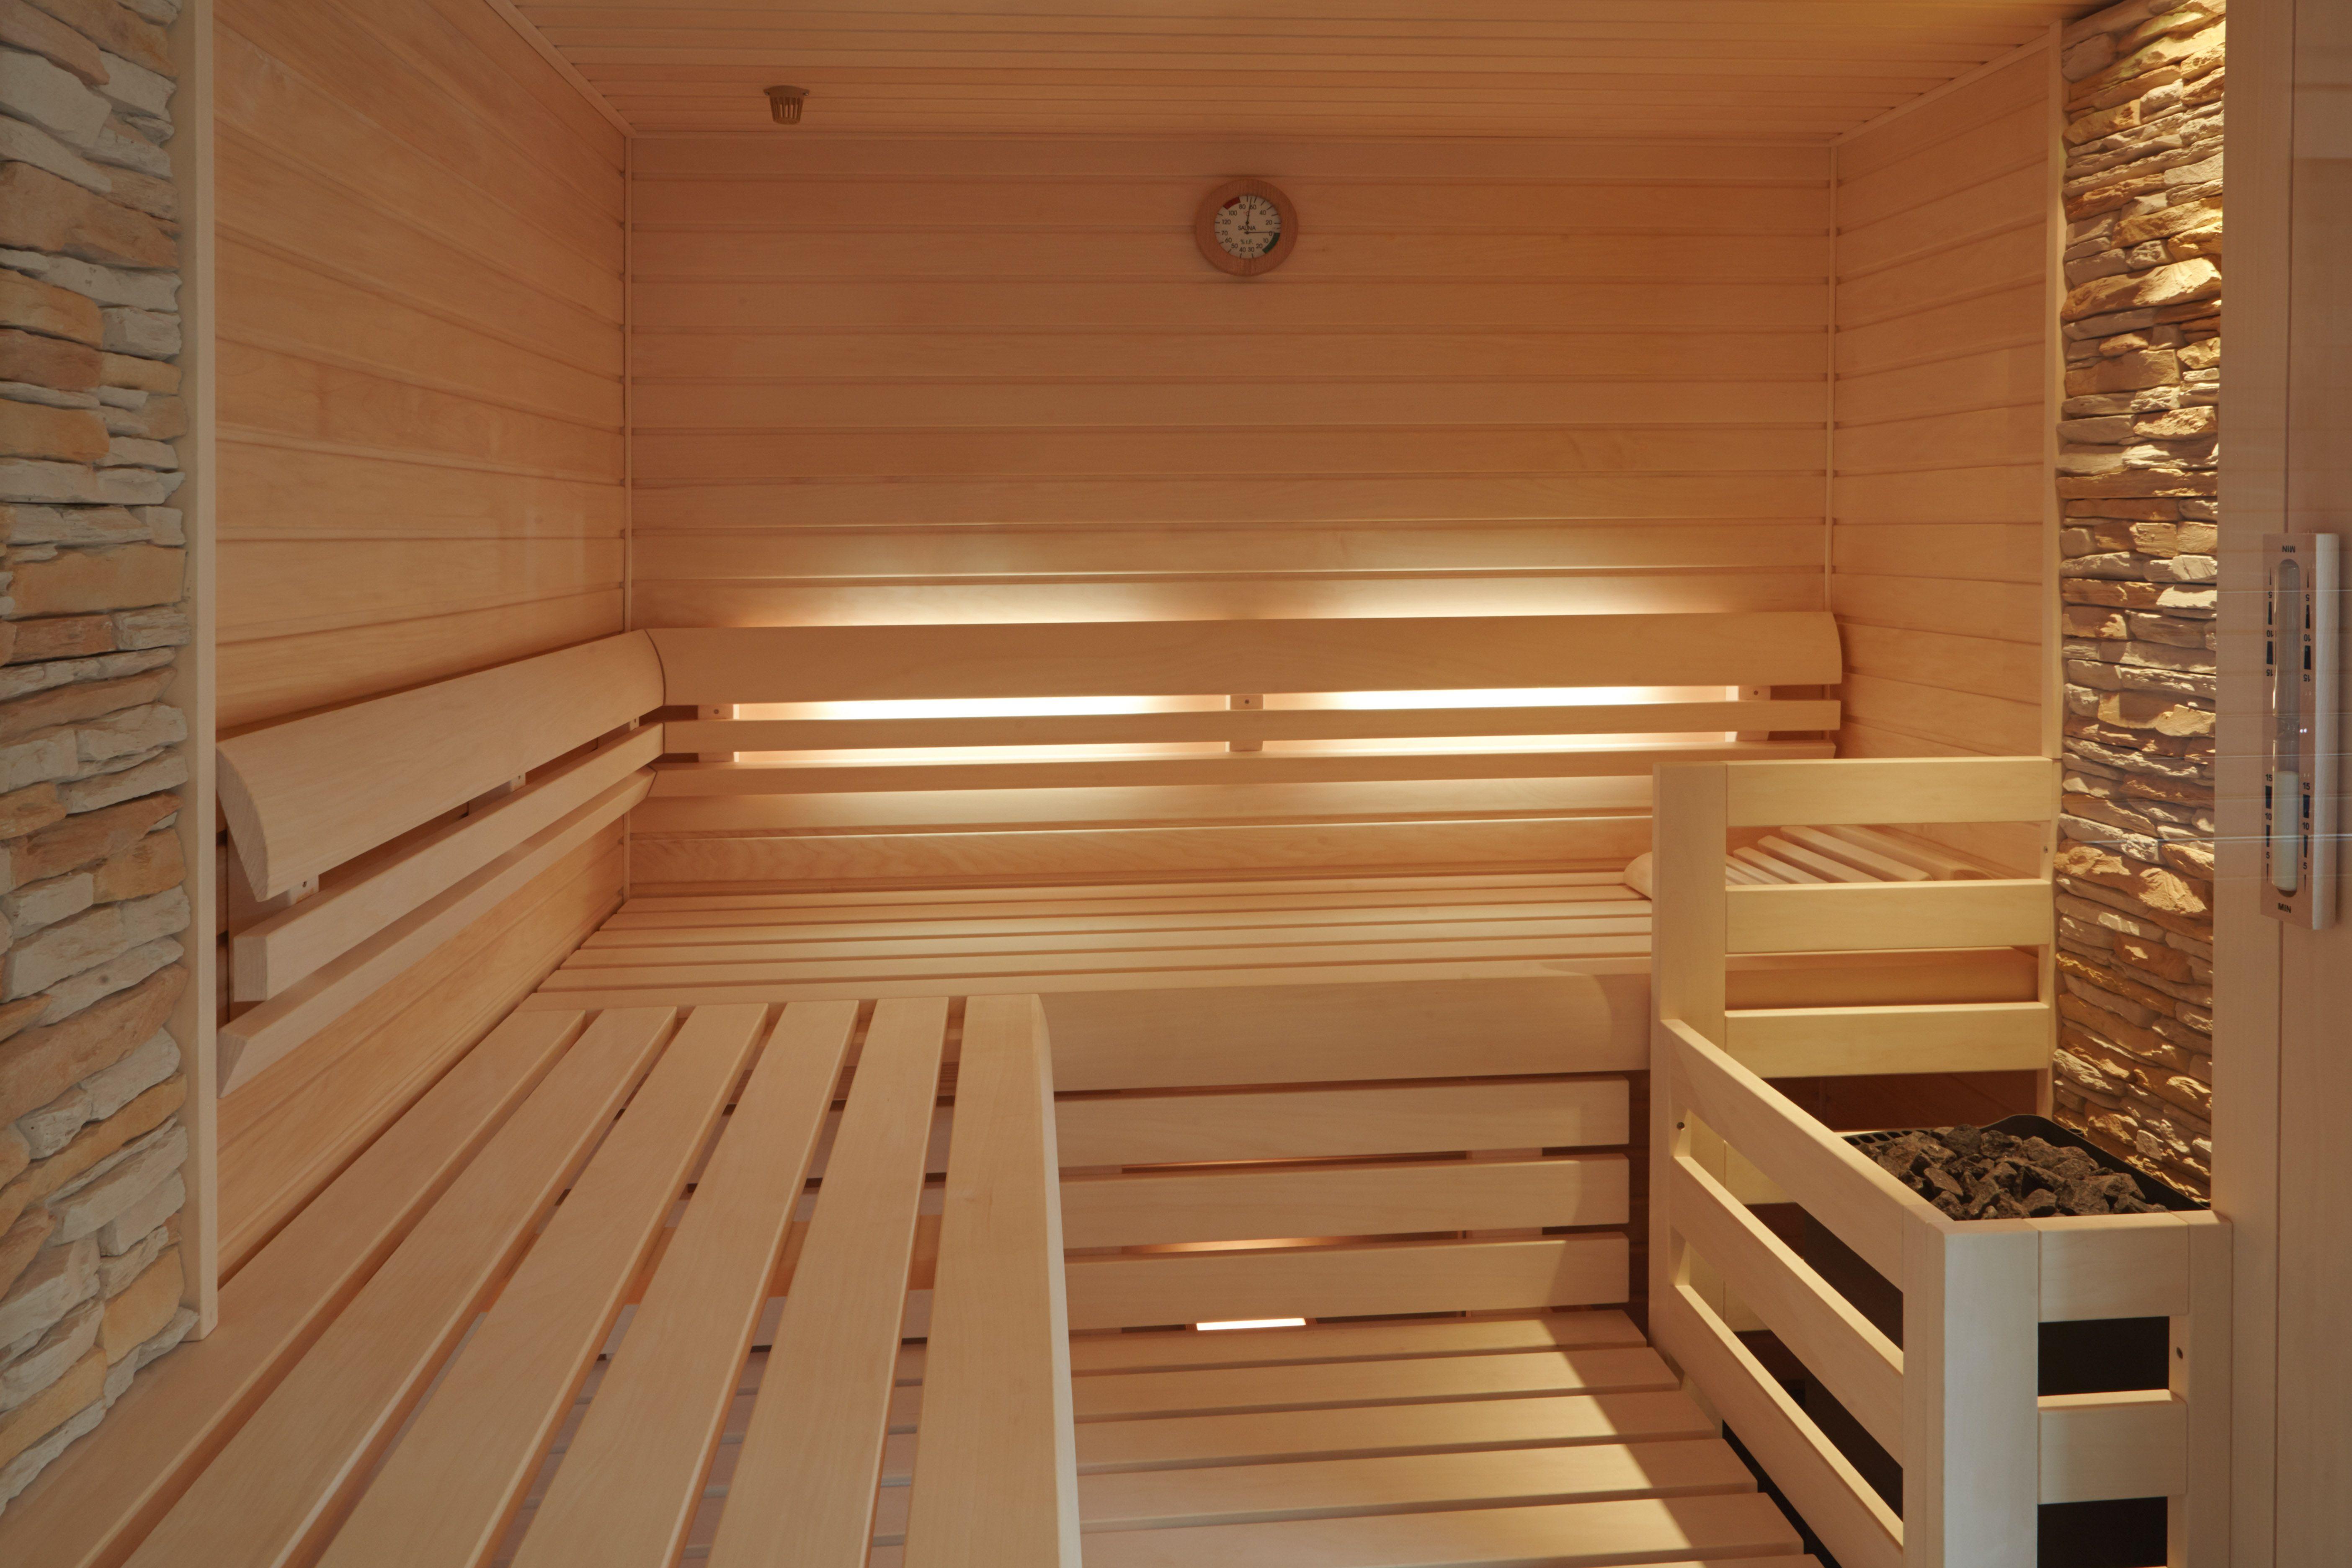 sauna mit hinterbankbeleuchtung und steinstreifen an der wand, Wohnzimmer dekoo